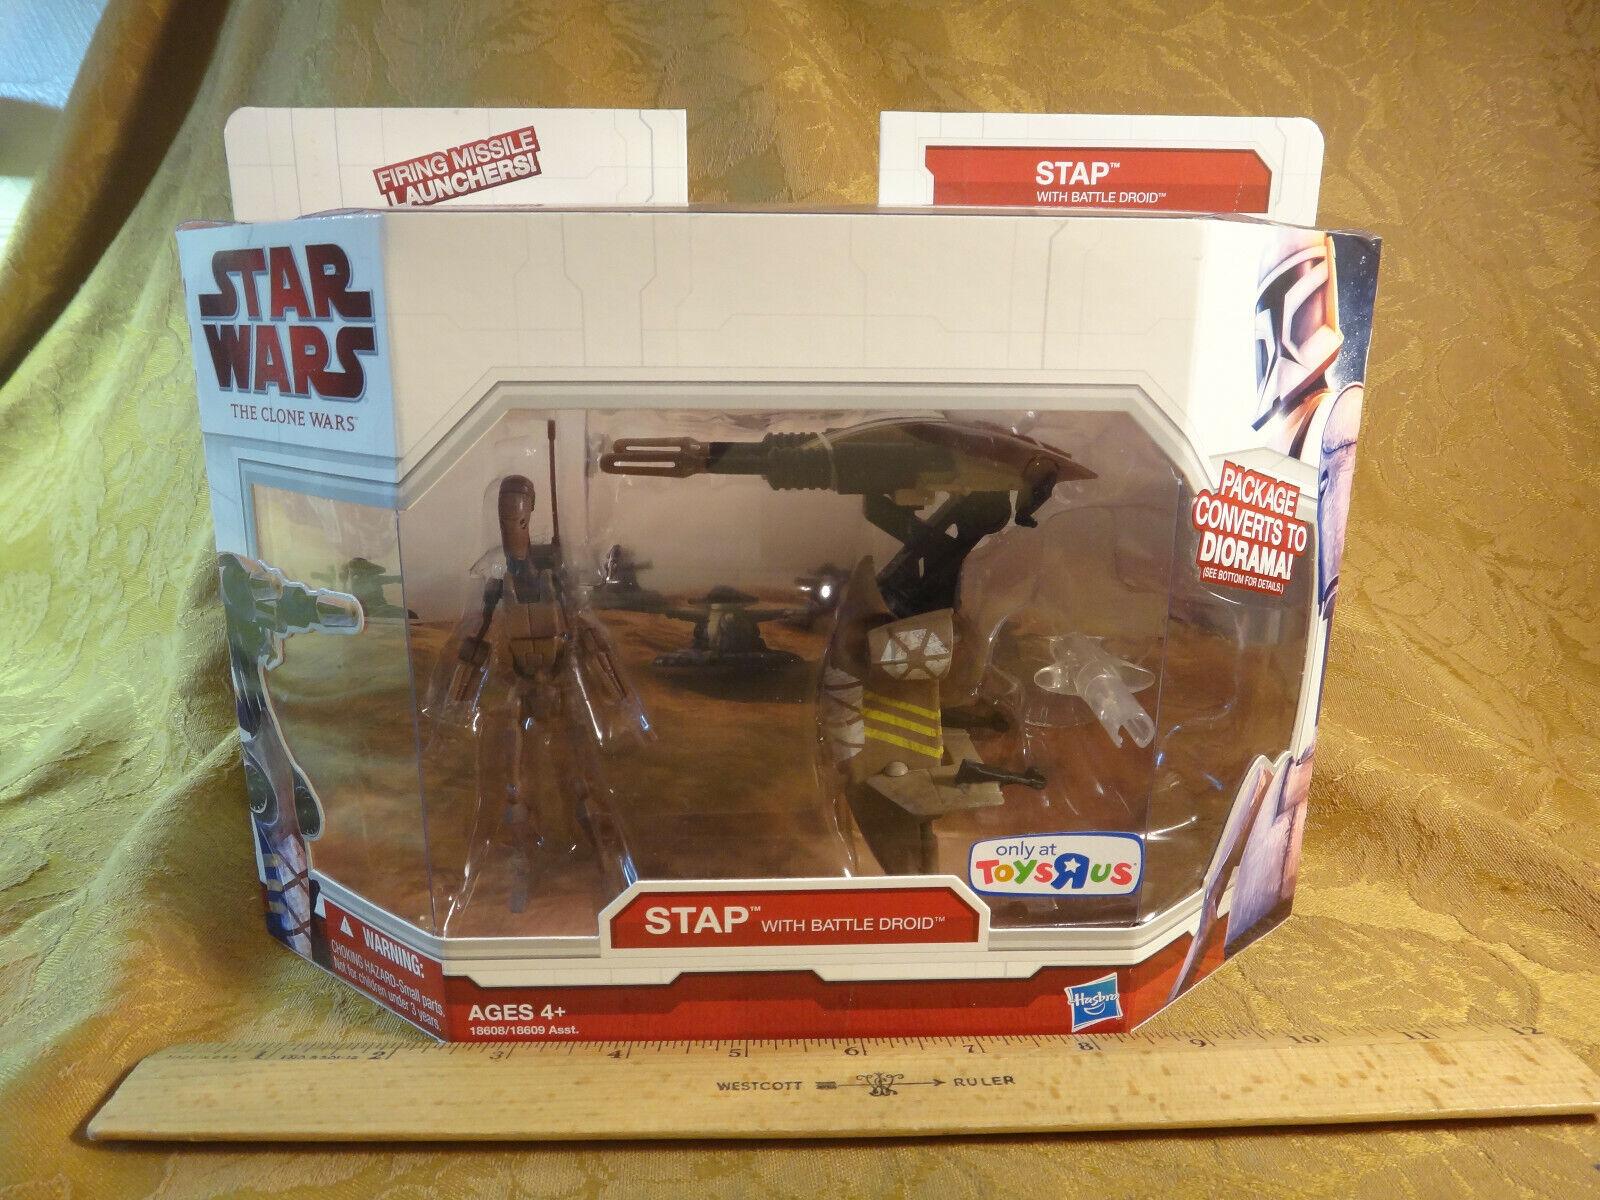 las mejores marcas venden barato Estrella Wars The The The Clone Wars Stap With Battle Droid - 18608 Menta en paquete libre de envío y manipulación Usa  edición limitada en caliente